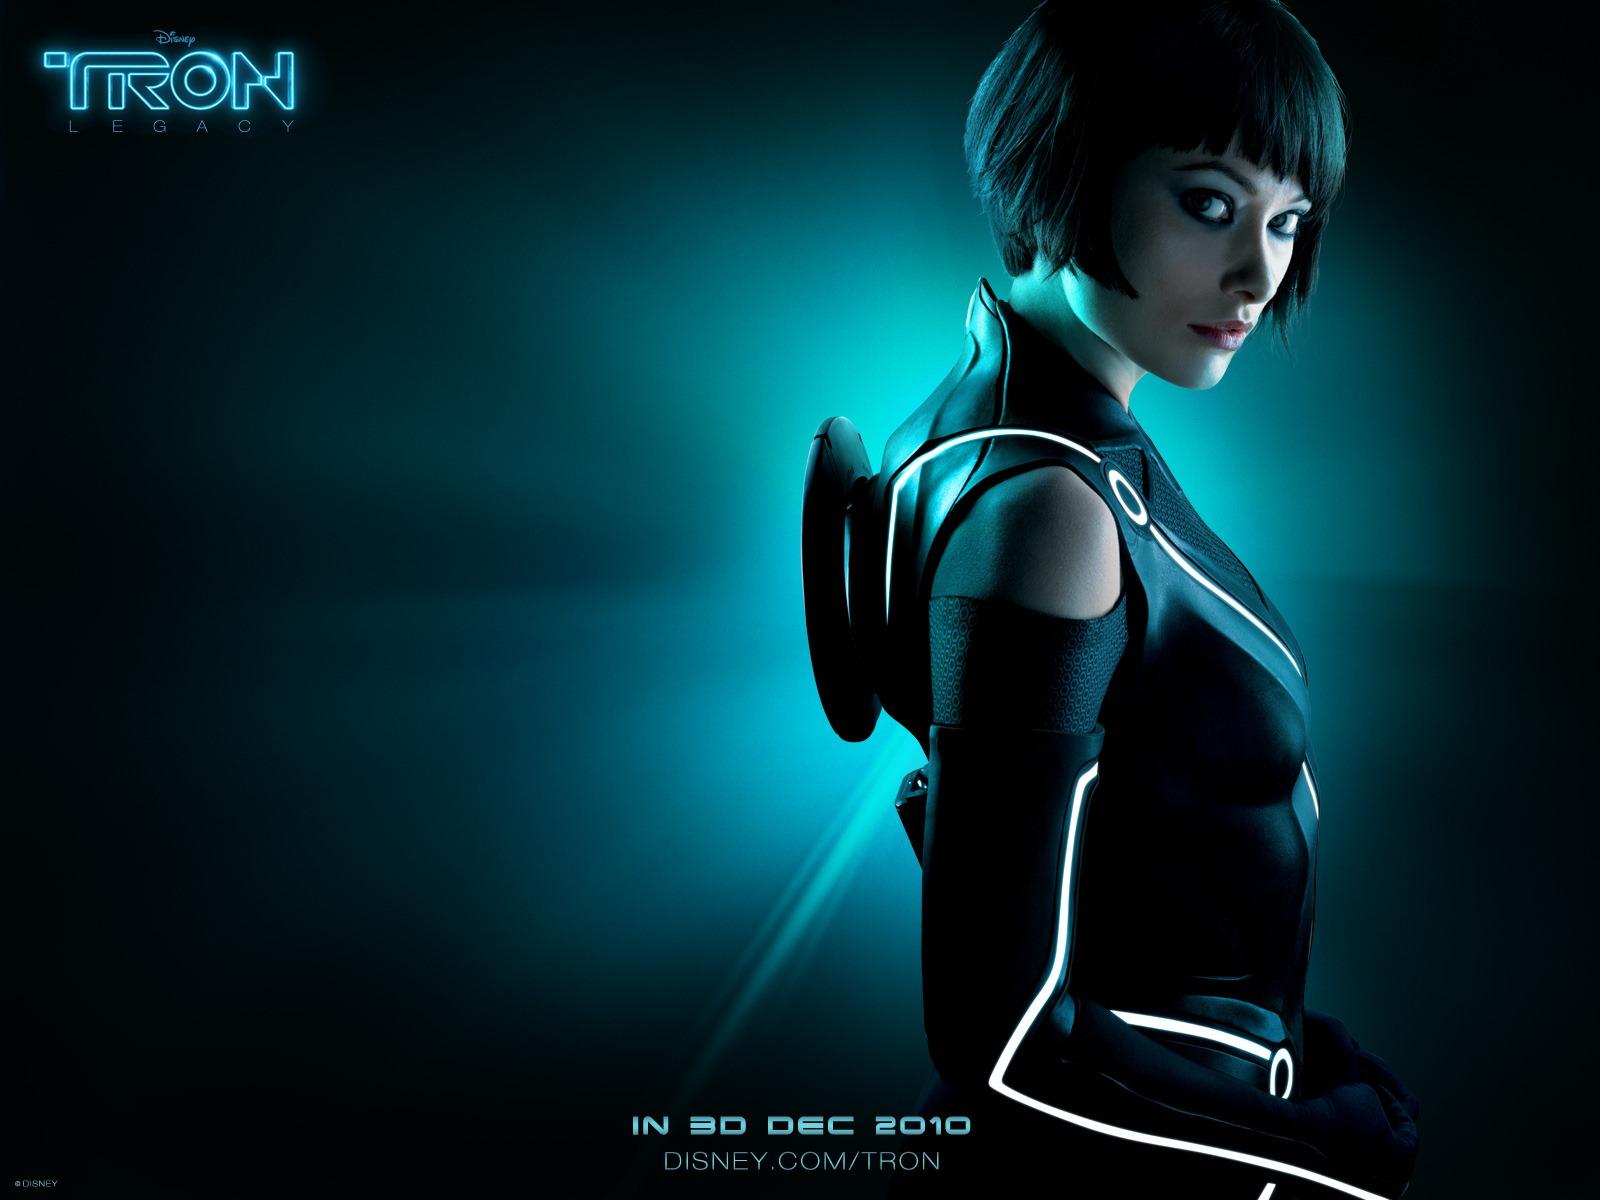 http://4.bp.blogspot.com/_H8M1zby0QoU/TSuyUjAa0pI/AAAAAAAAAGY/fNIjwHunTas/s1600/Olivia+wilde+in+Tron+legacy+HD.jpg